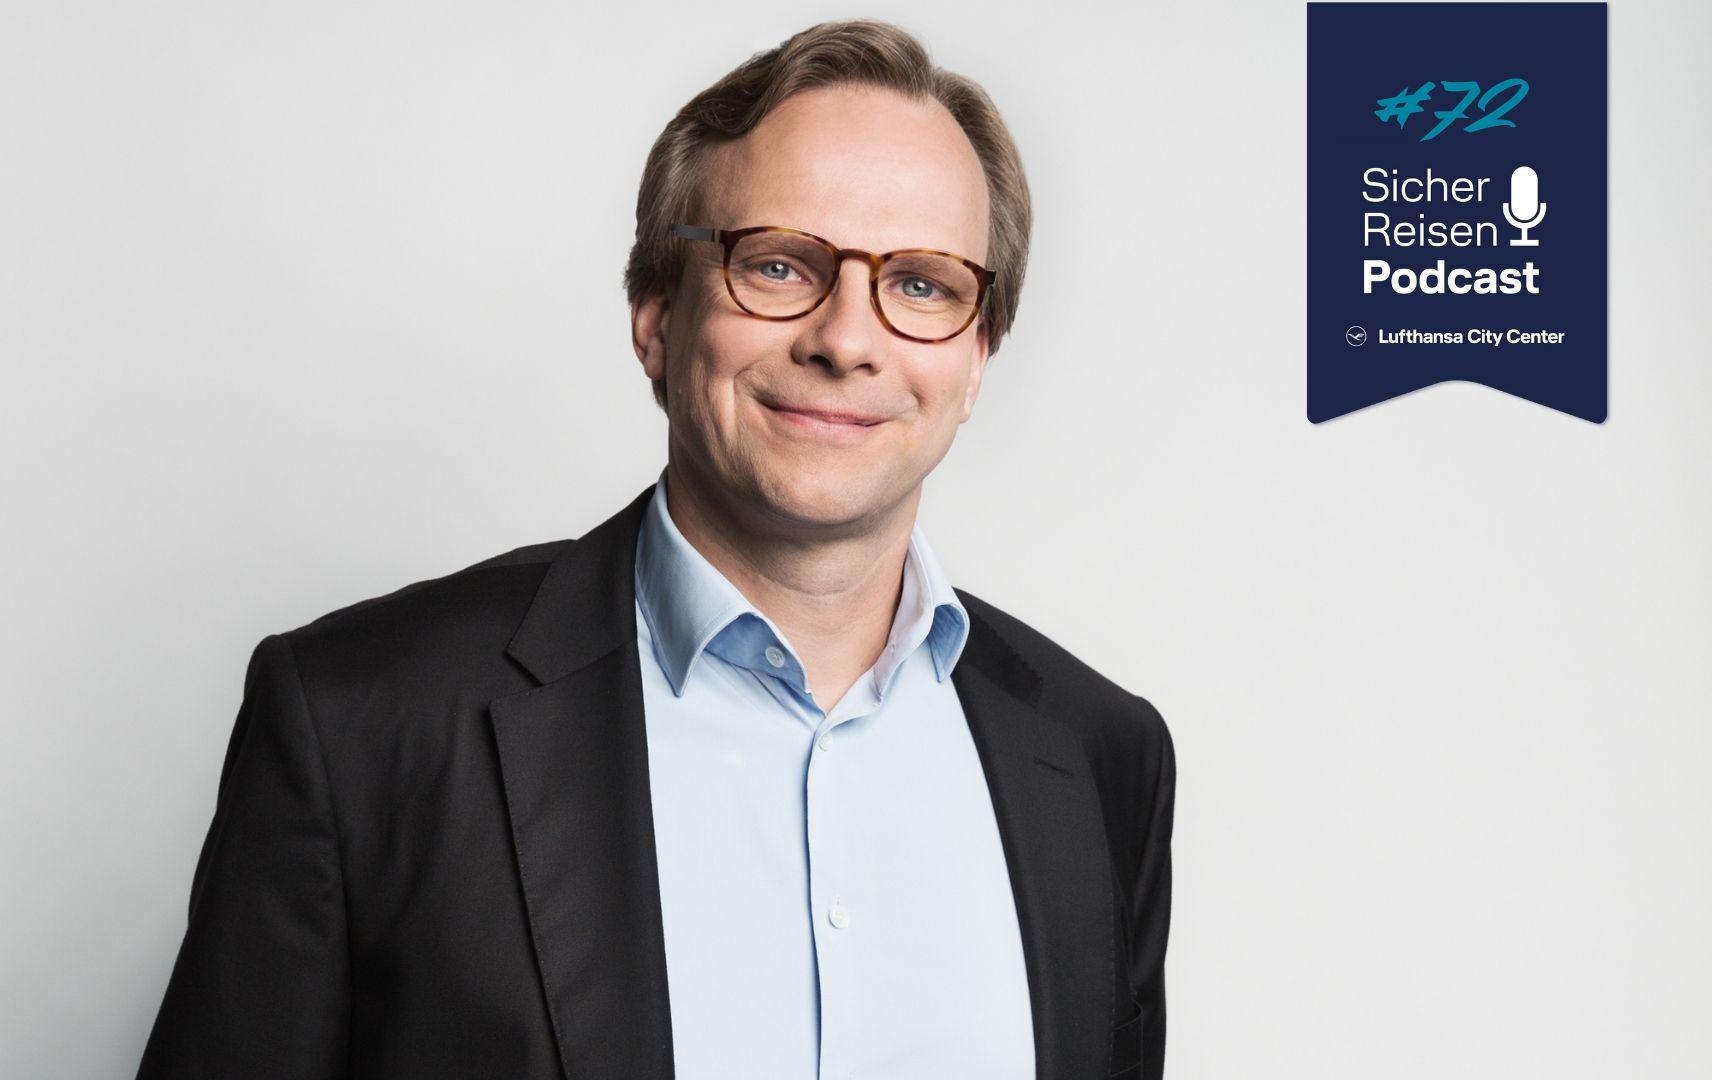 Sicher Reisen Podcast mit Andreas Bierwirtht